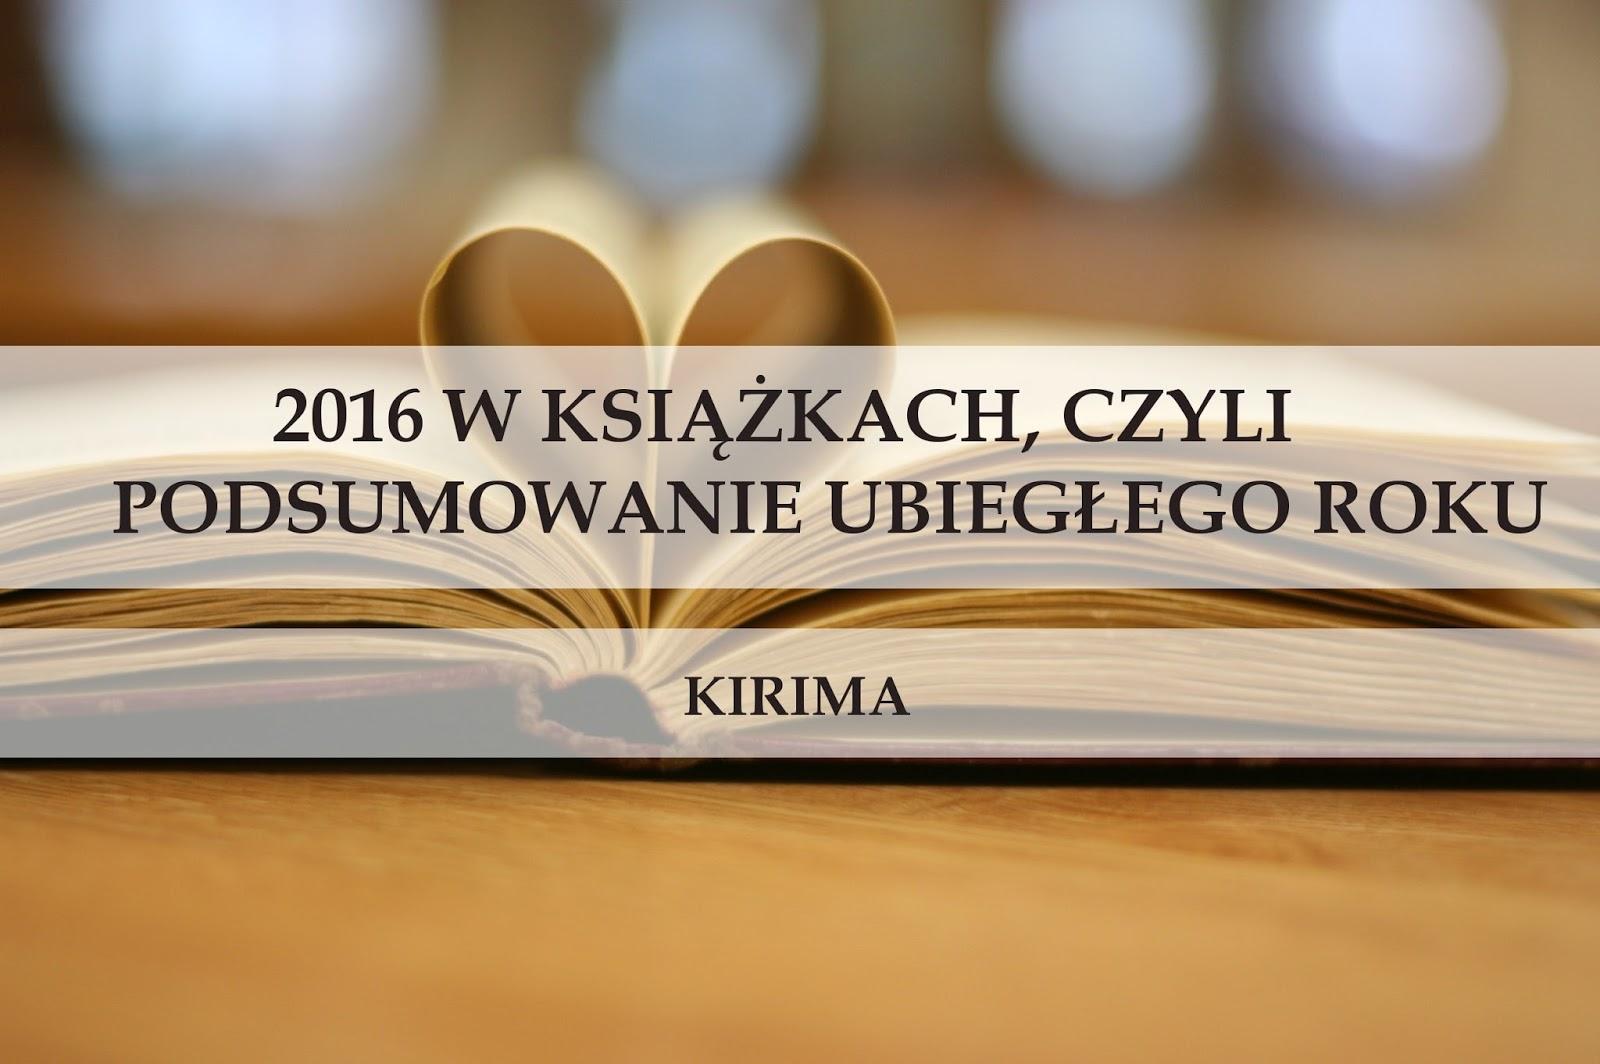 2016 w książkach, czyli podsumowanie ubiegłego roku. Cz. 2